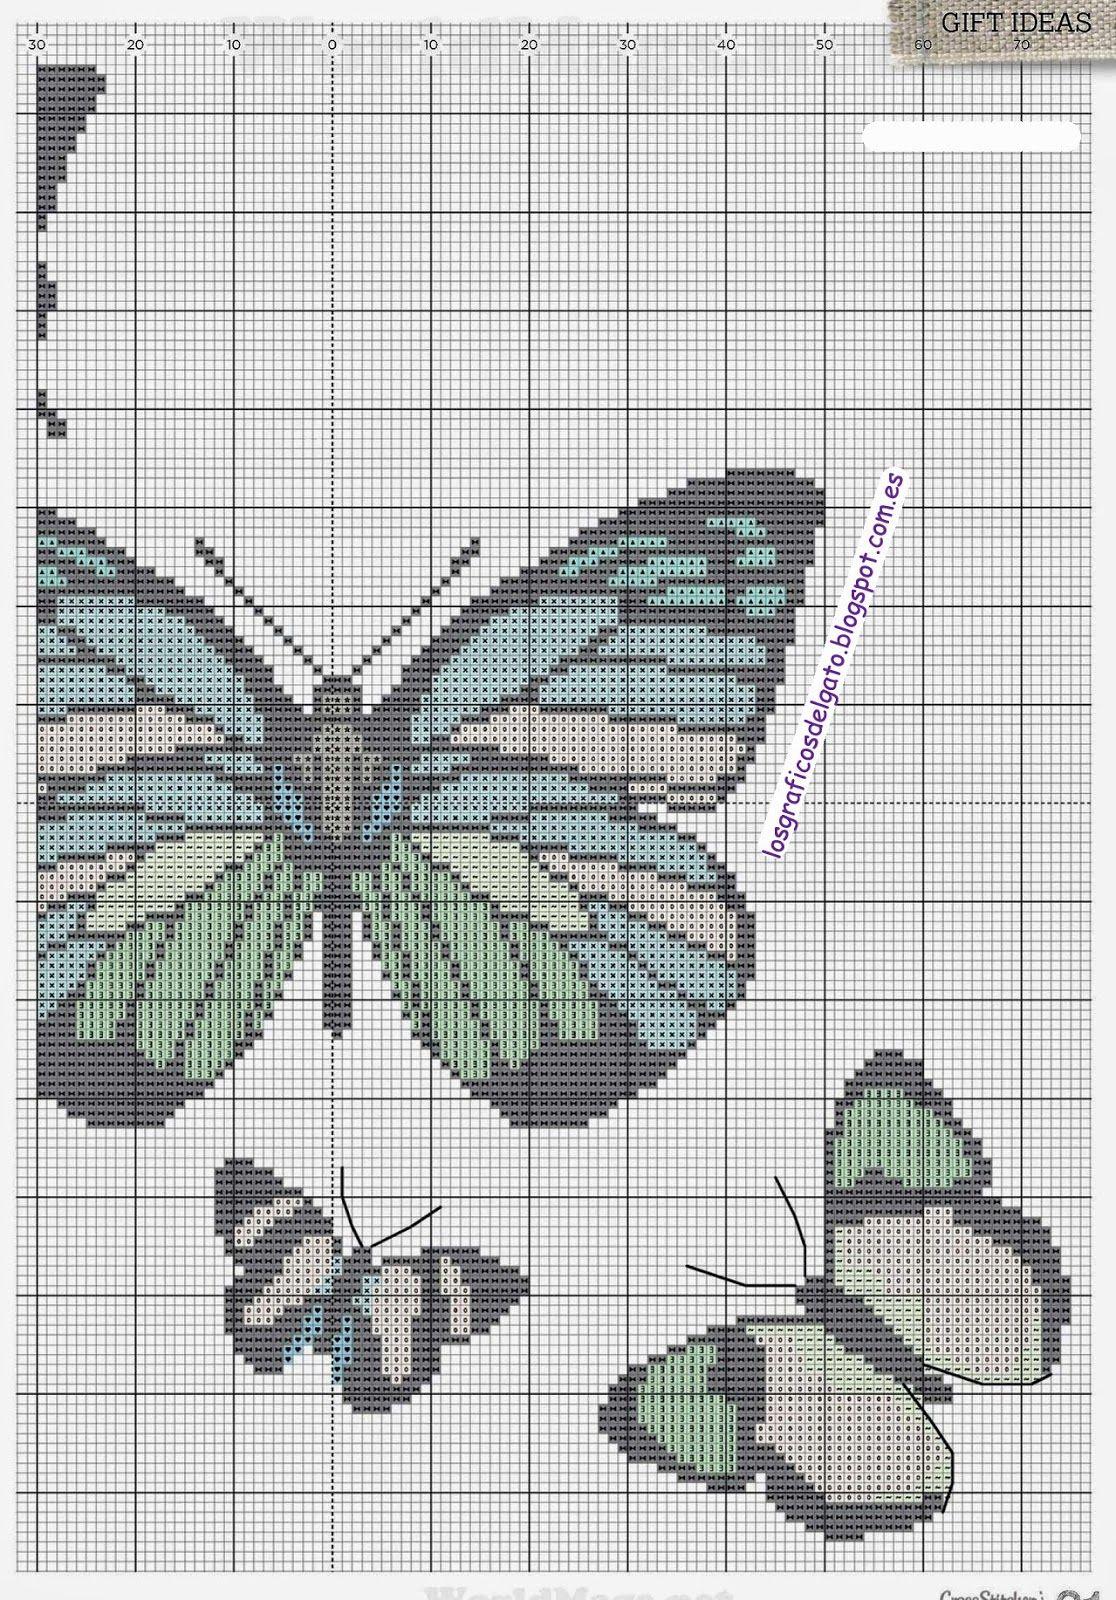 Preciosos gráficos de mariposas para decorar... | mariposas ...